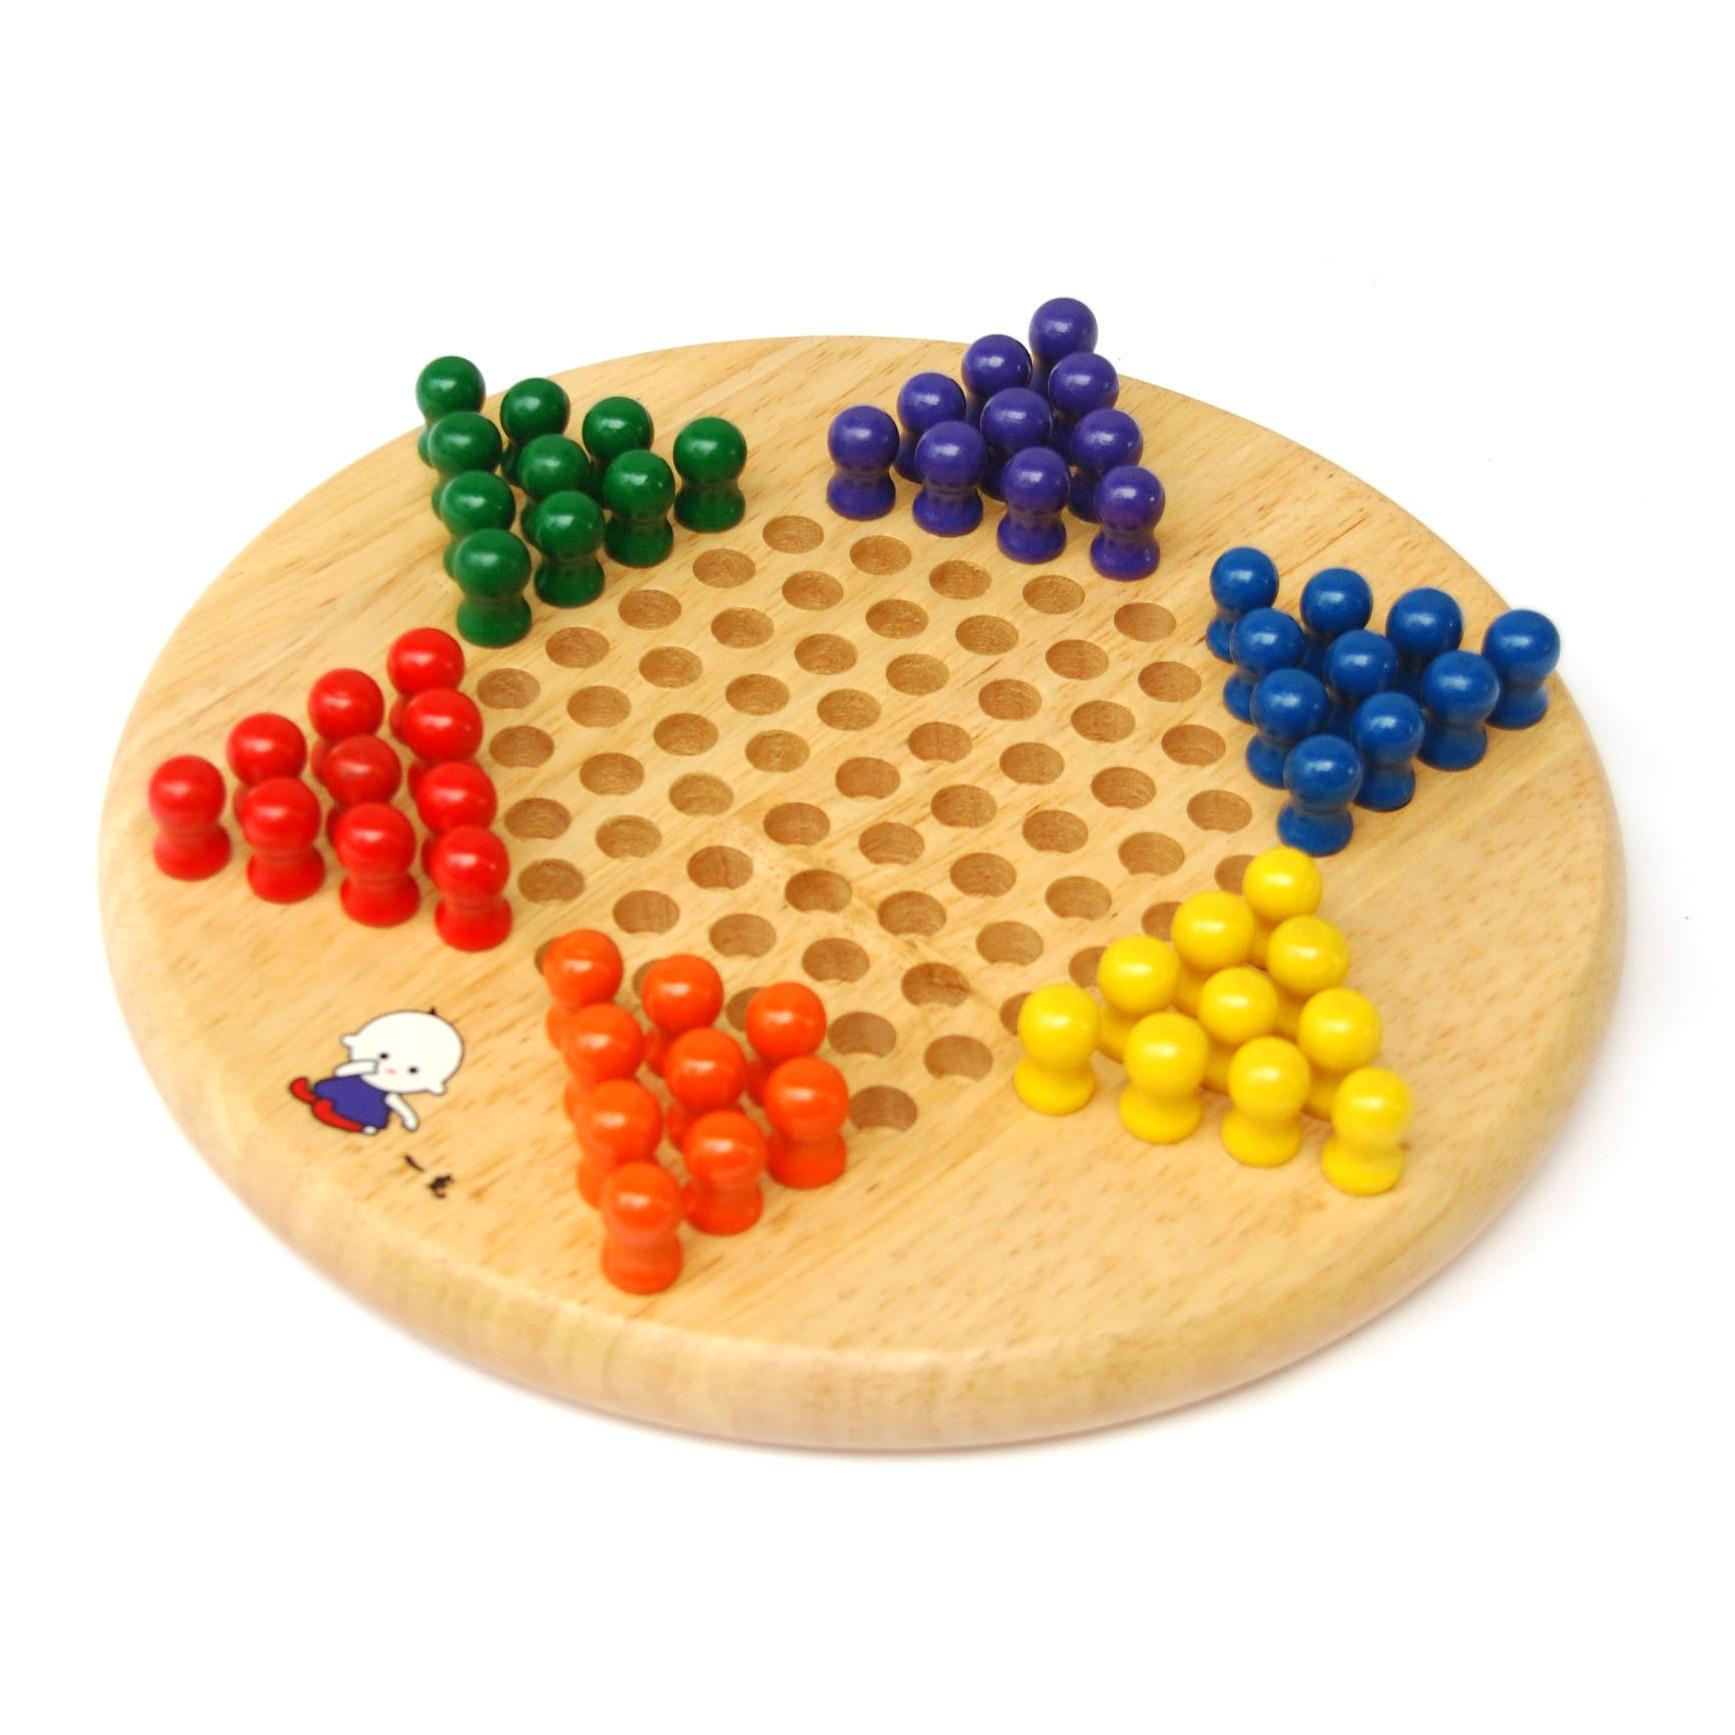 精品木制玩具 益智双面棋 跳棋 单身贵族棋 棋类玩具图片